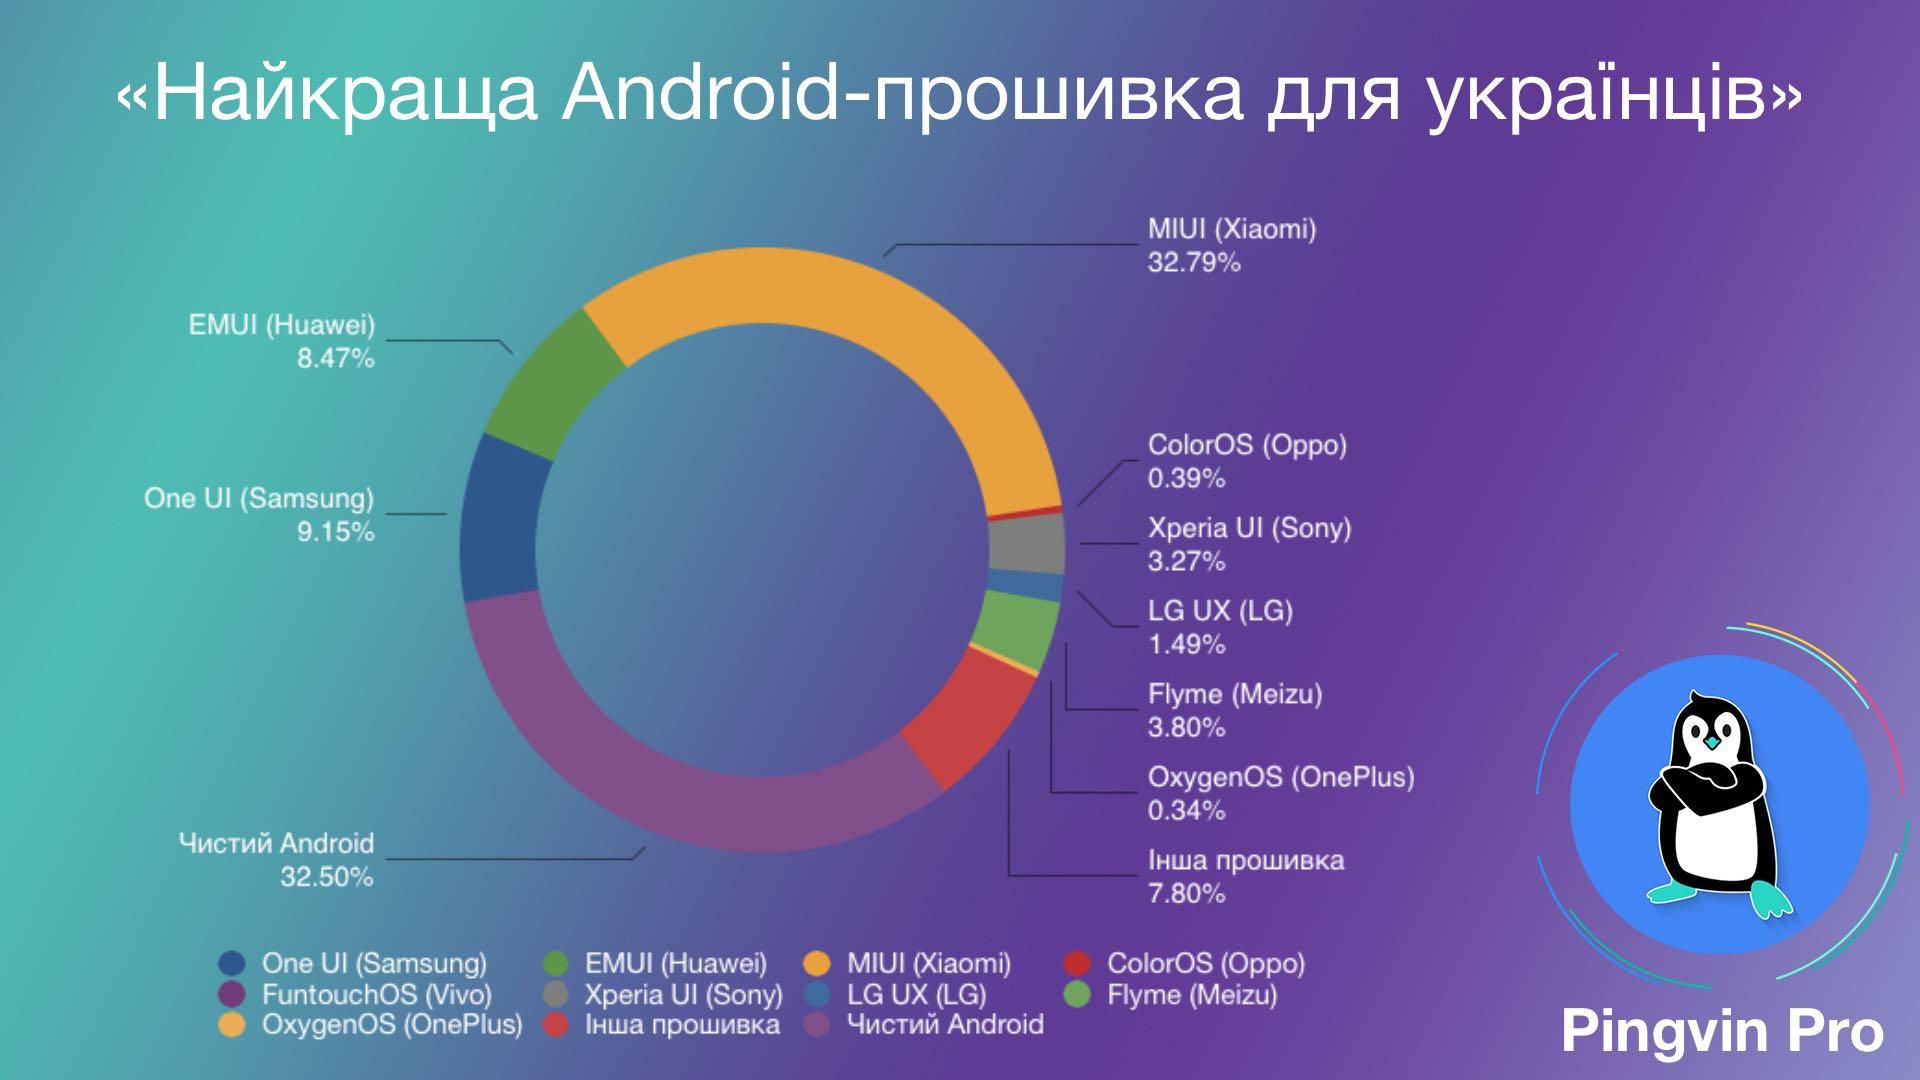 Найкраща Android-прошивка для українців